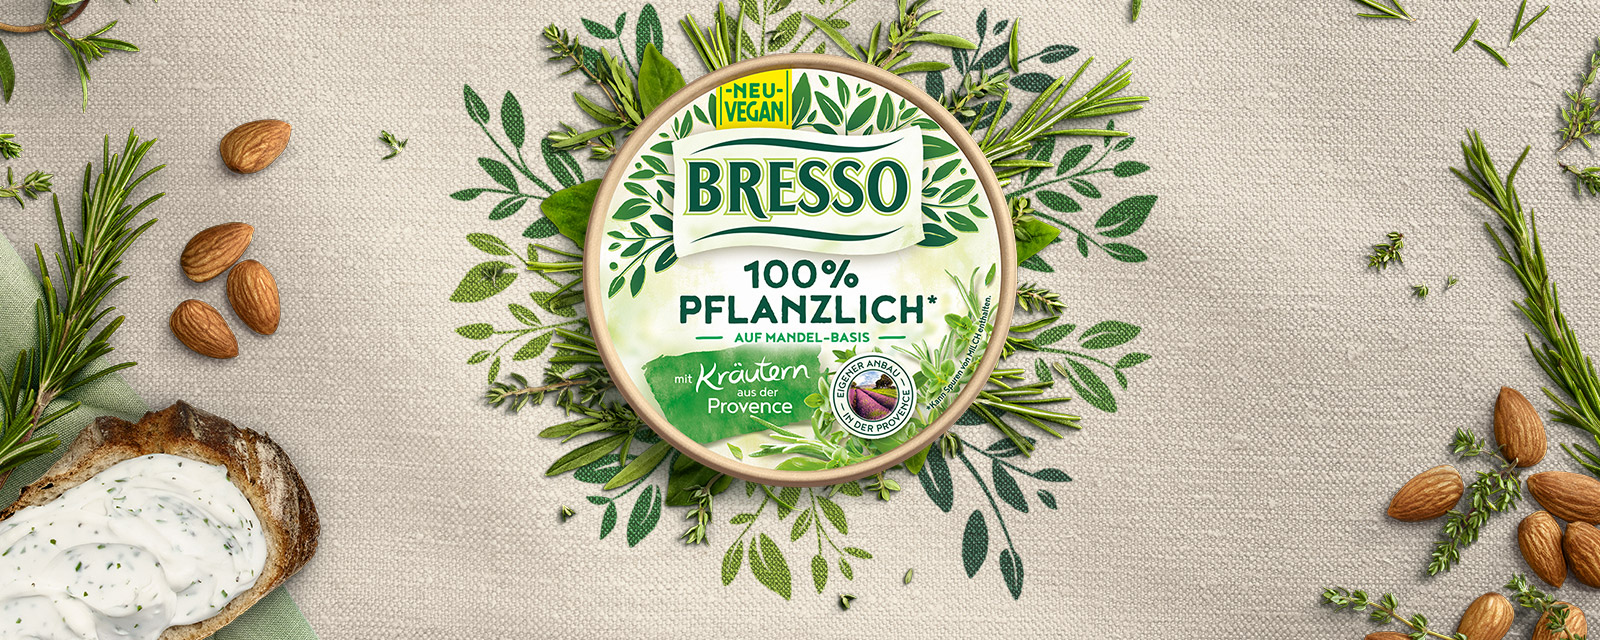 Bresso - jetzt auch pflanzlich auf Mandelbasis